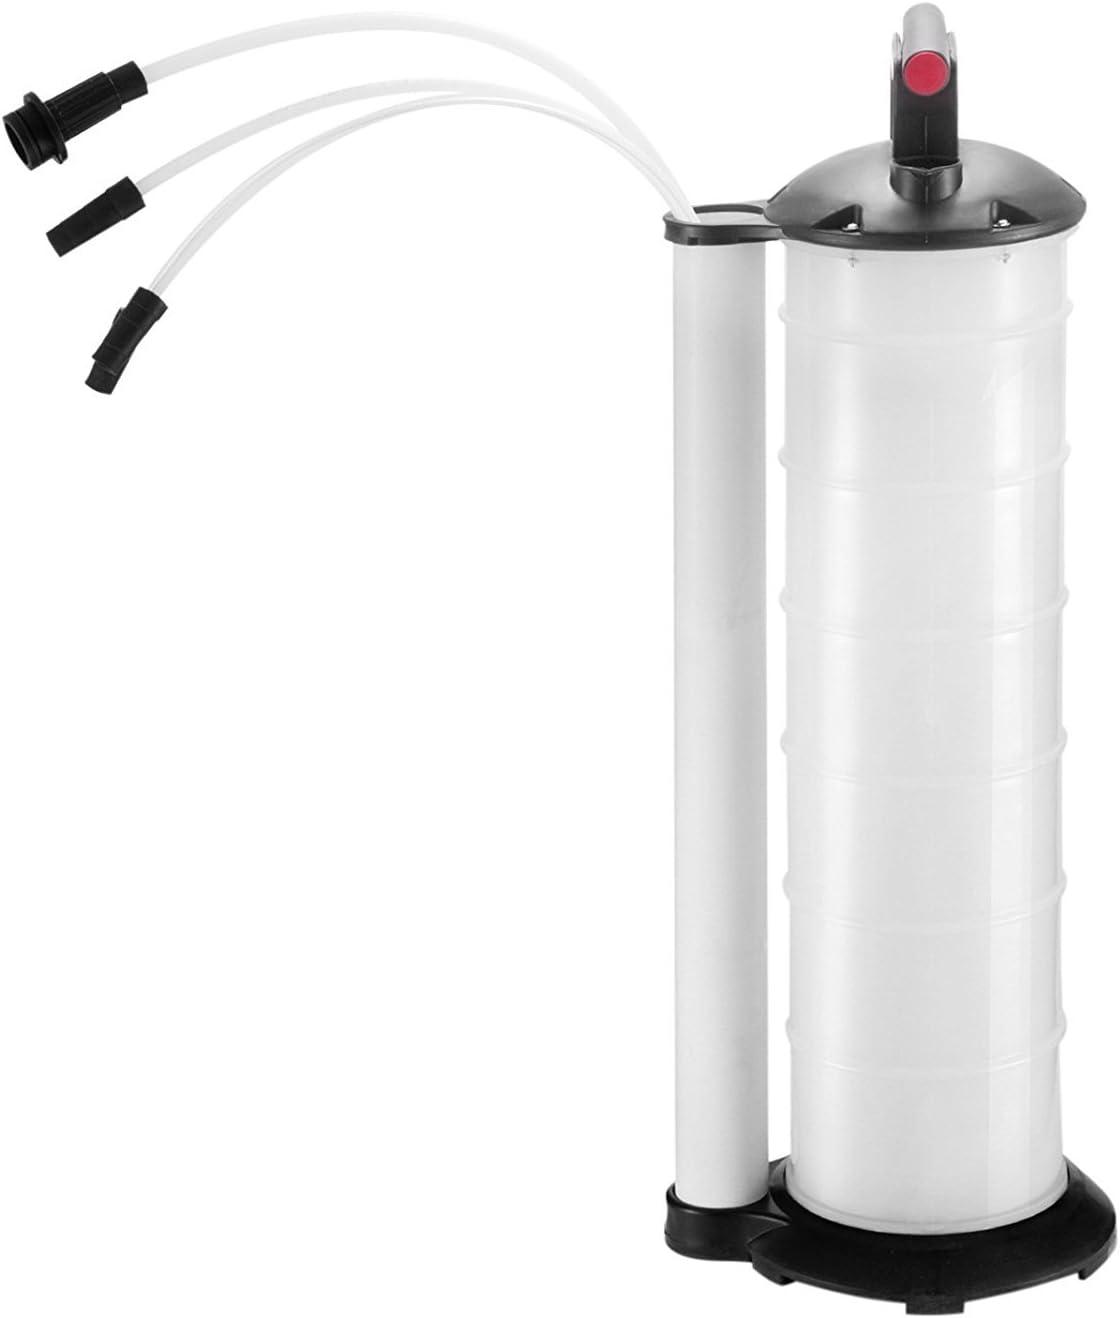 Guellin 7L Extrator de Aceite Manual Extractor de Líquido Extrator Portátil de Tanque de Bomba Extractor de Bomba para Cambio del Aceite de Vacío